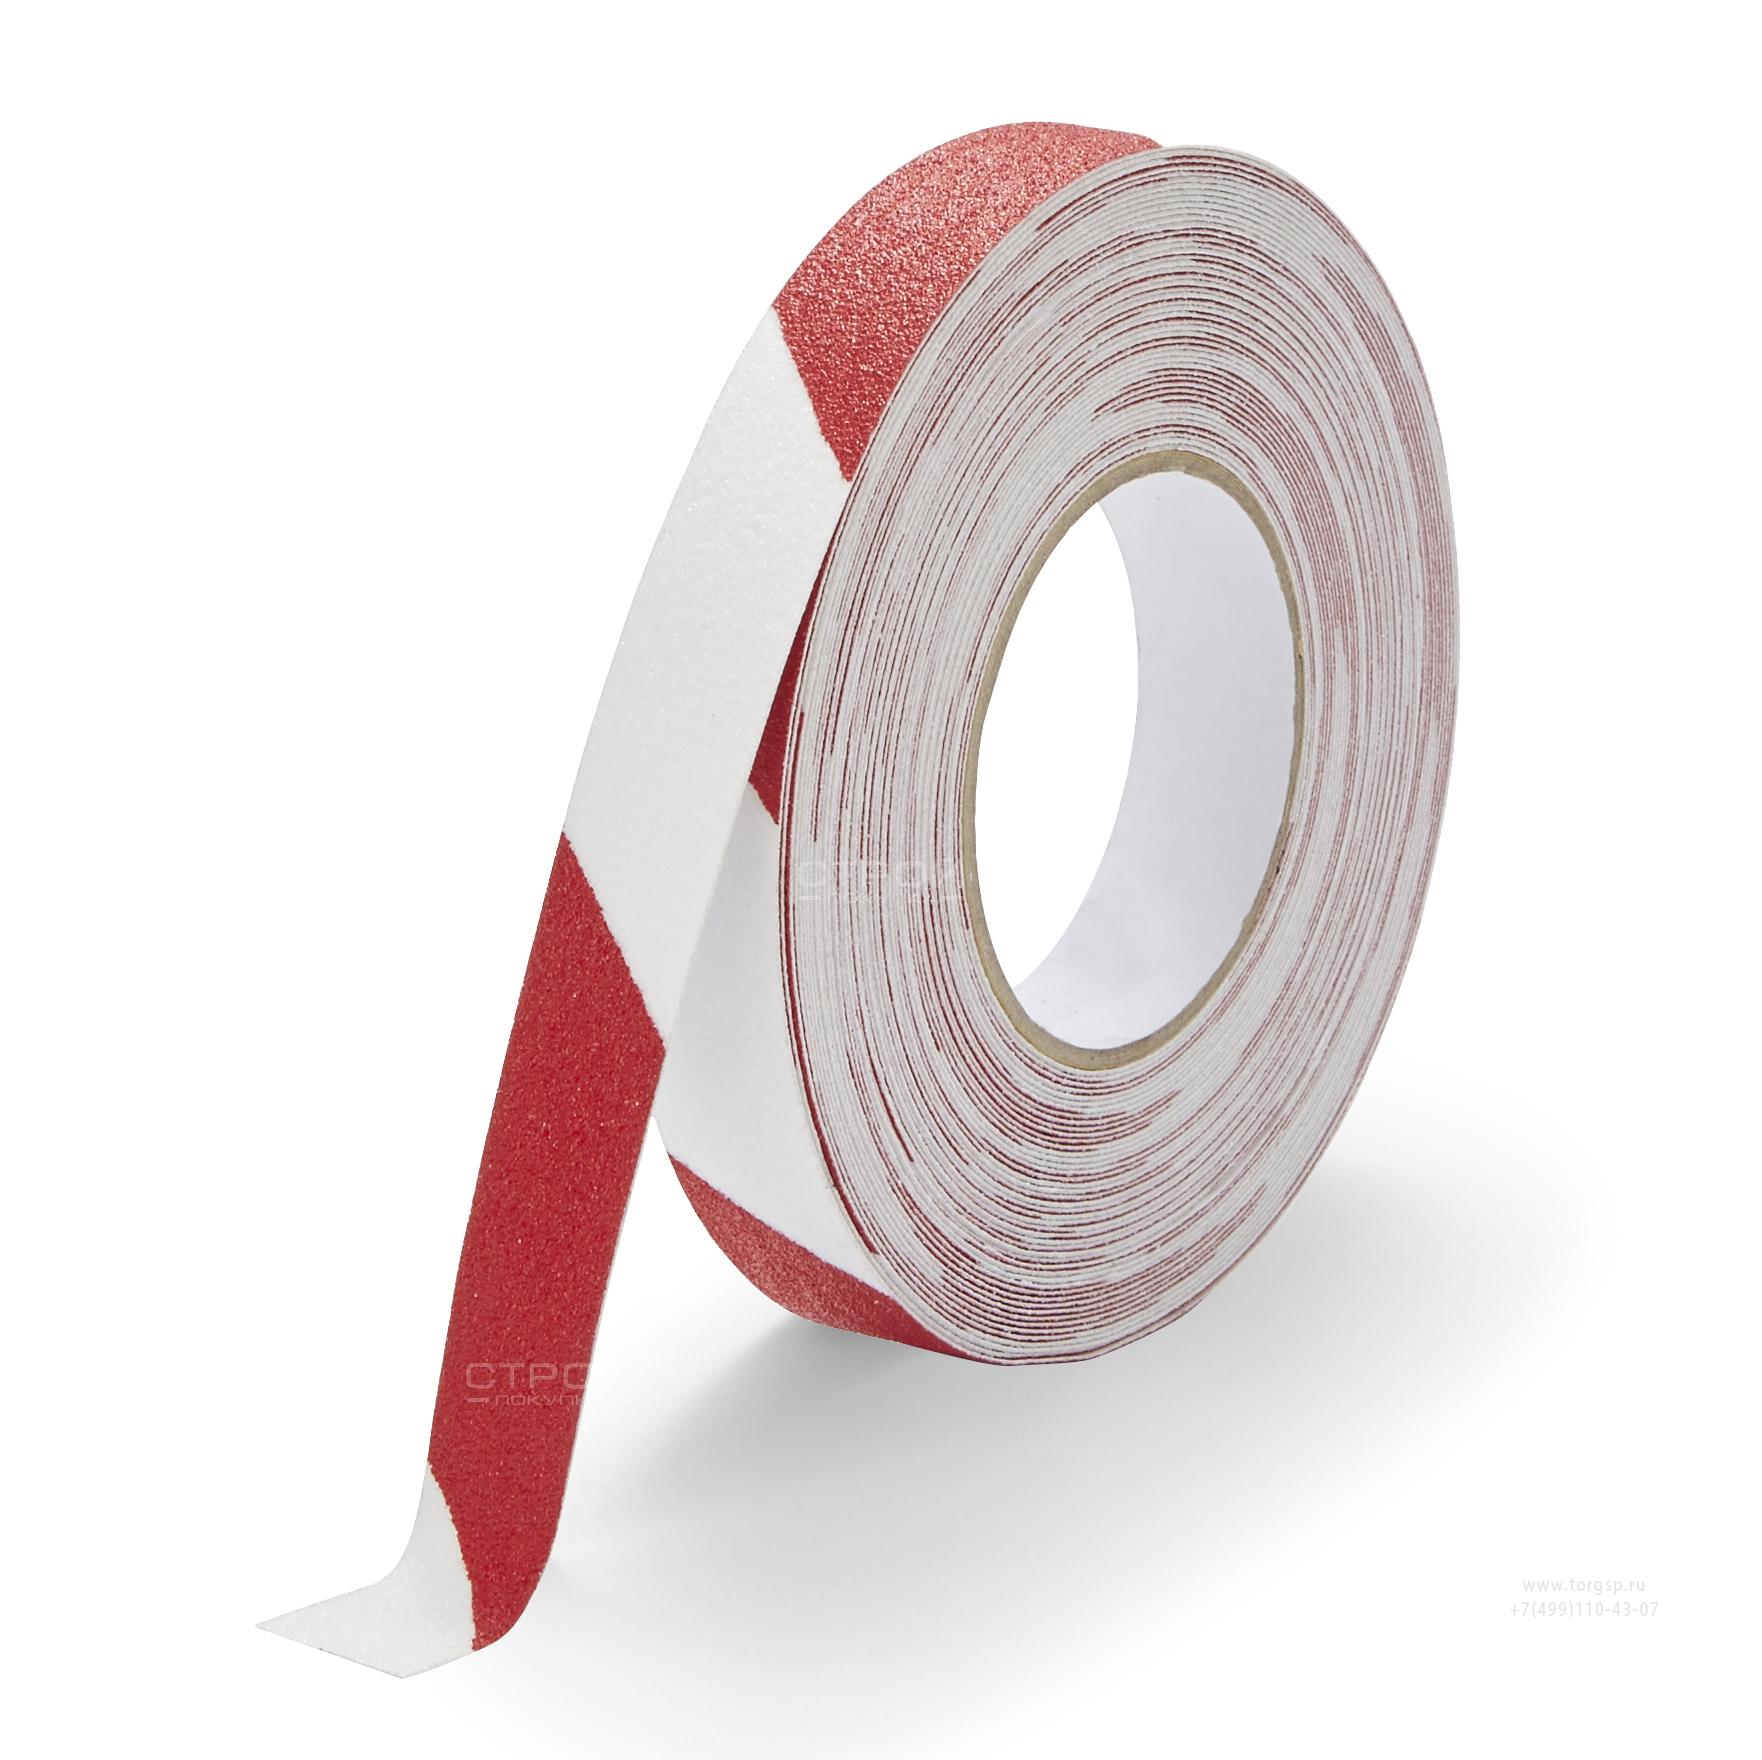 Лента Heskins самоклеющаяся красно-белая с абразивной поверхностью против скольжения, ширина 2,5 см